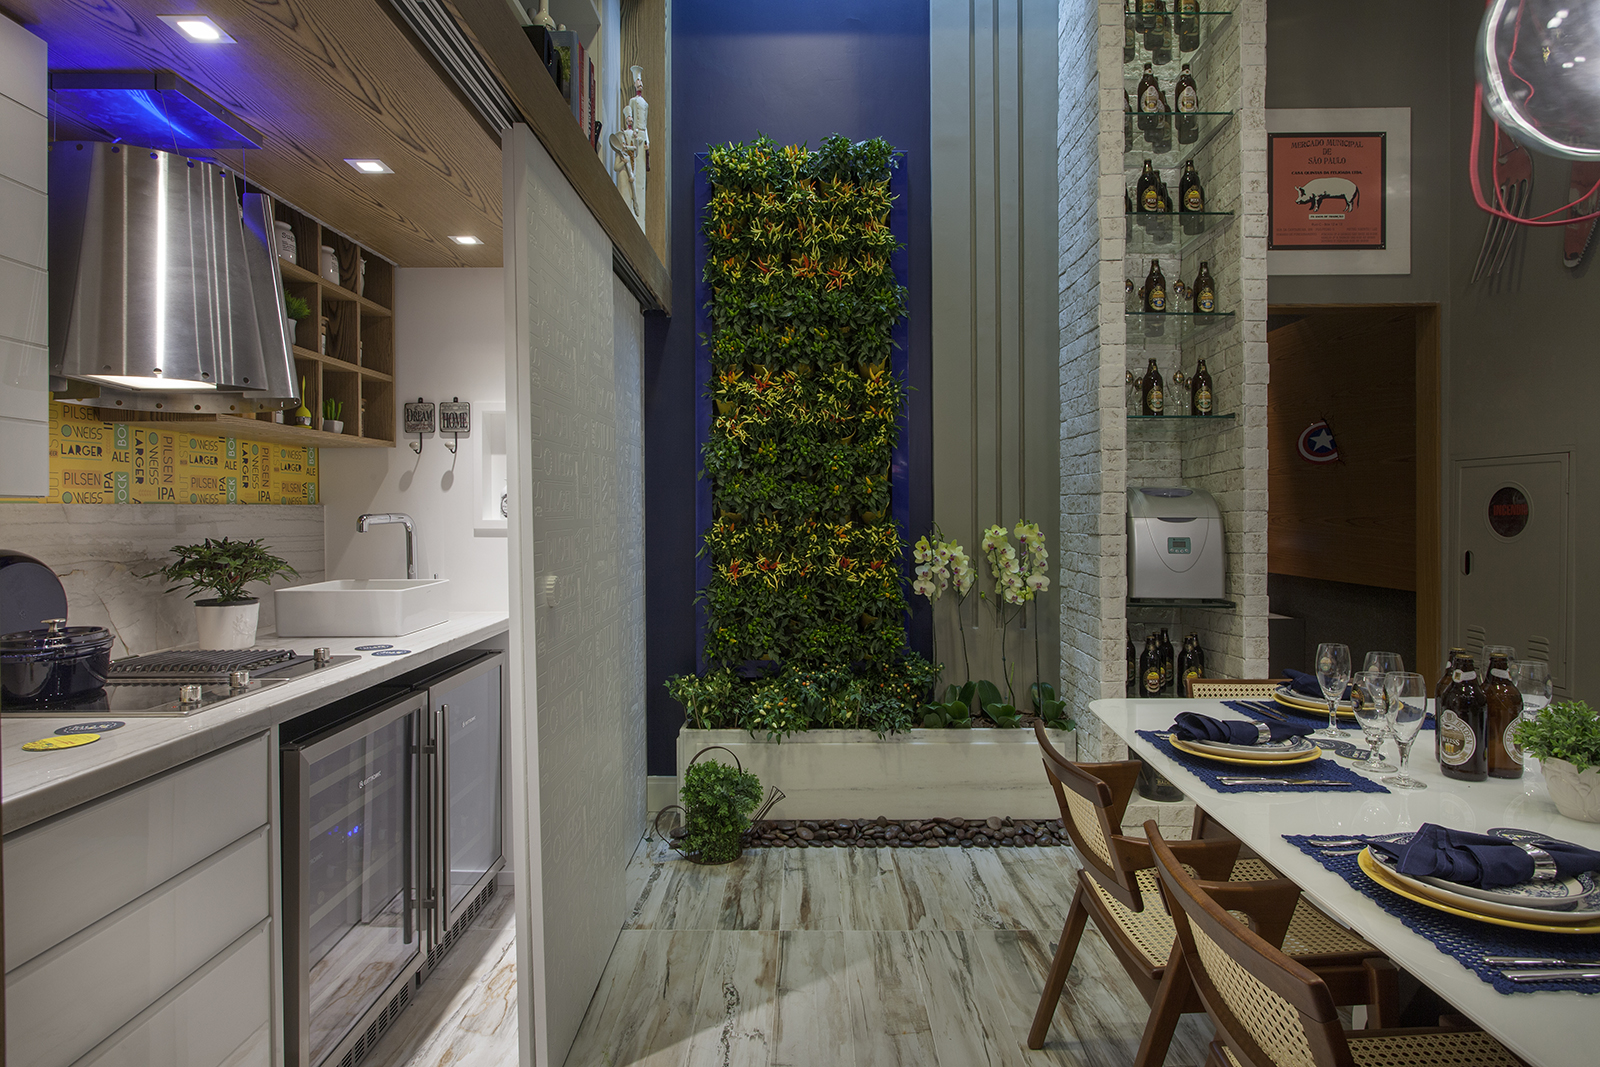 #393C73 Decor Salteado Blog de Decoração e Arquitetura : Cozinha escondida  1600x1067 px Armario De Cozinha Pequeno De Parede Casas Bahia_1664 Imagens